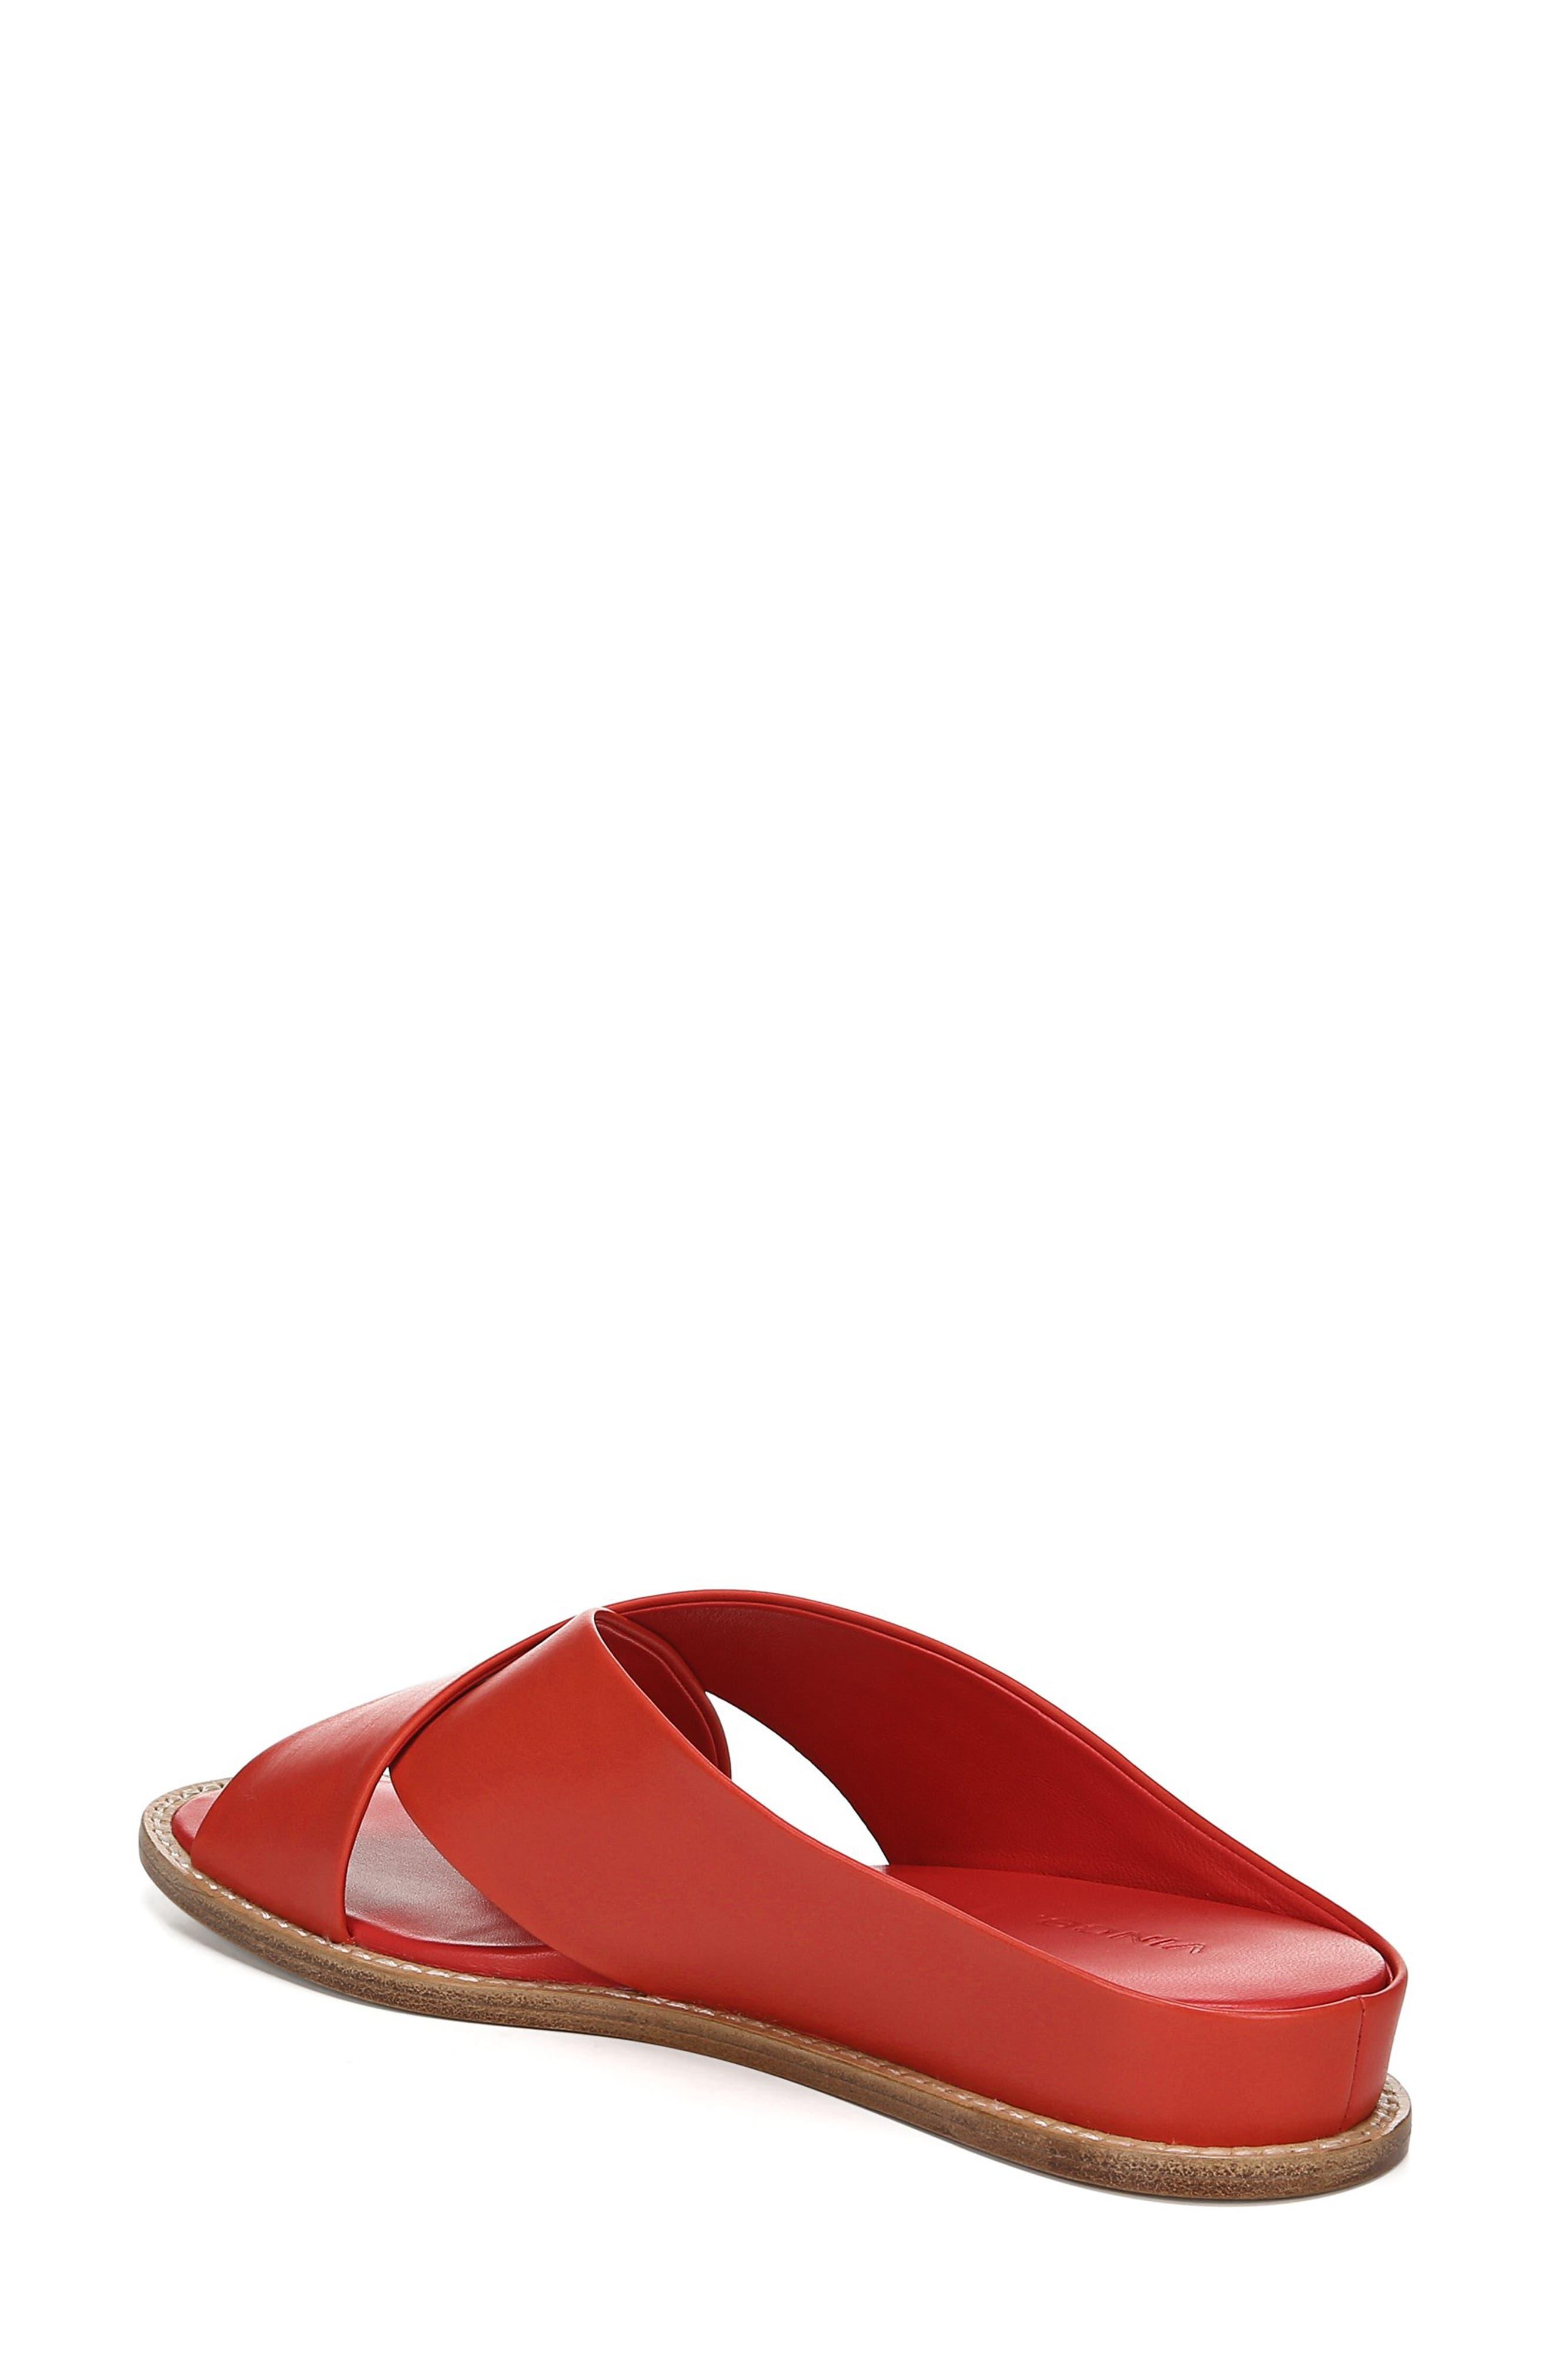 5e2693291e35 Sandals Vince Warm-Weather Clothing   Shoes